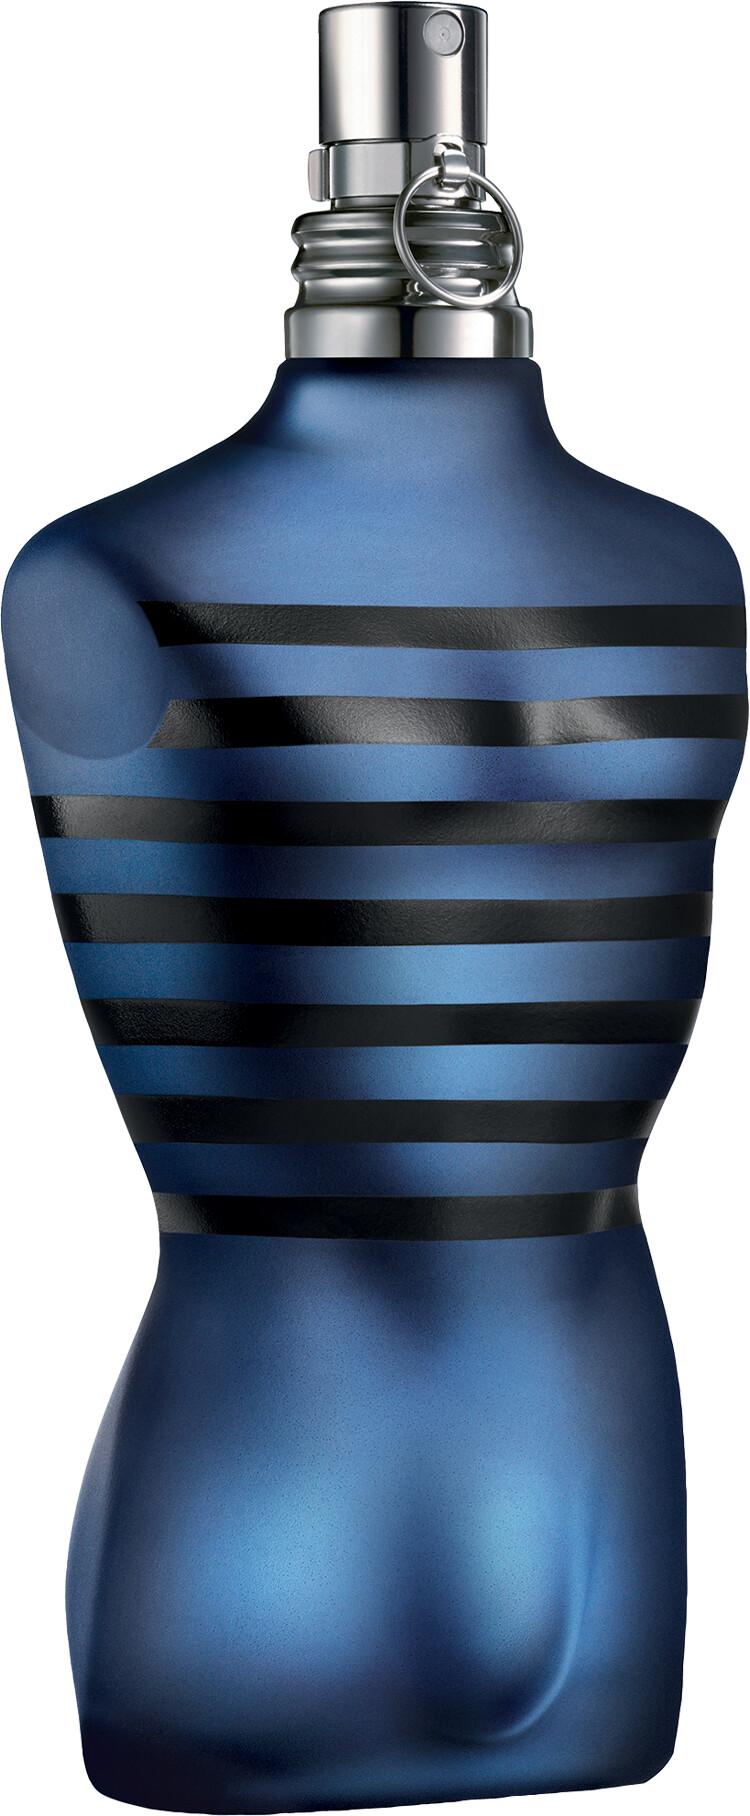 d5110cc6a ... Jean Paul Gaultier Ultra Male Eau de Toilette Intense Spray 125ml